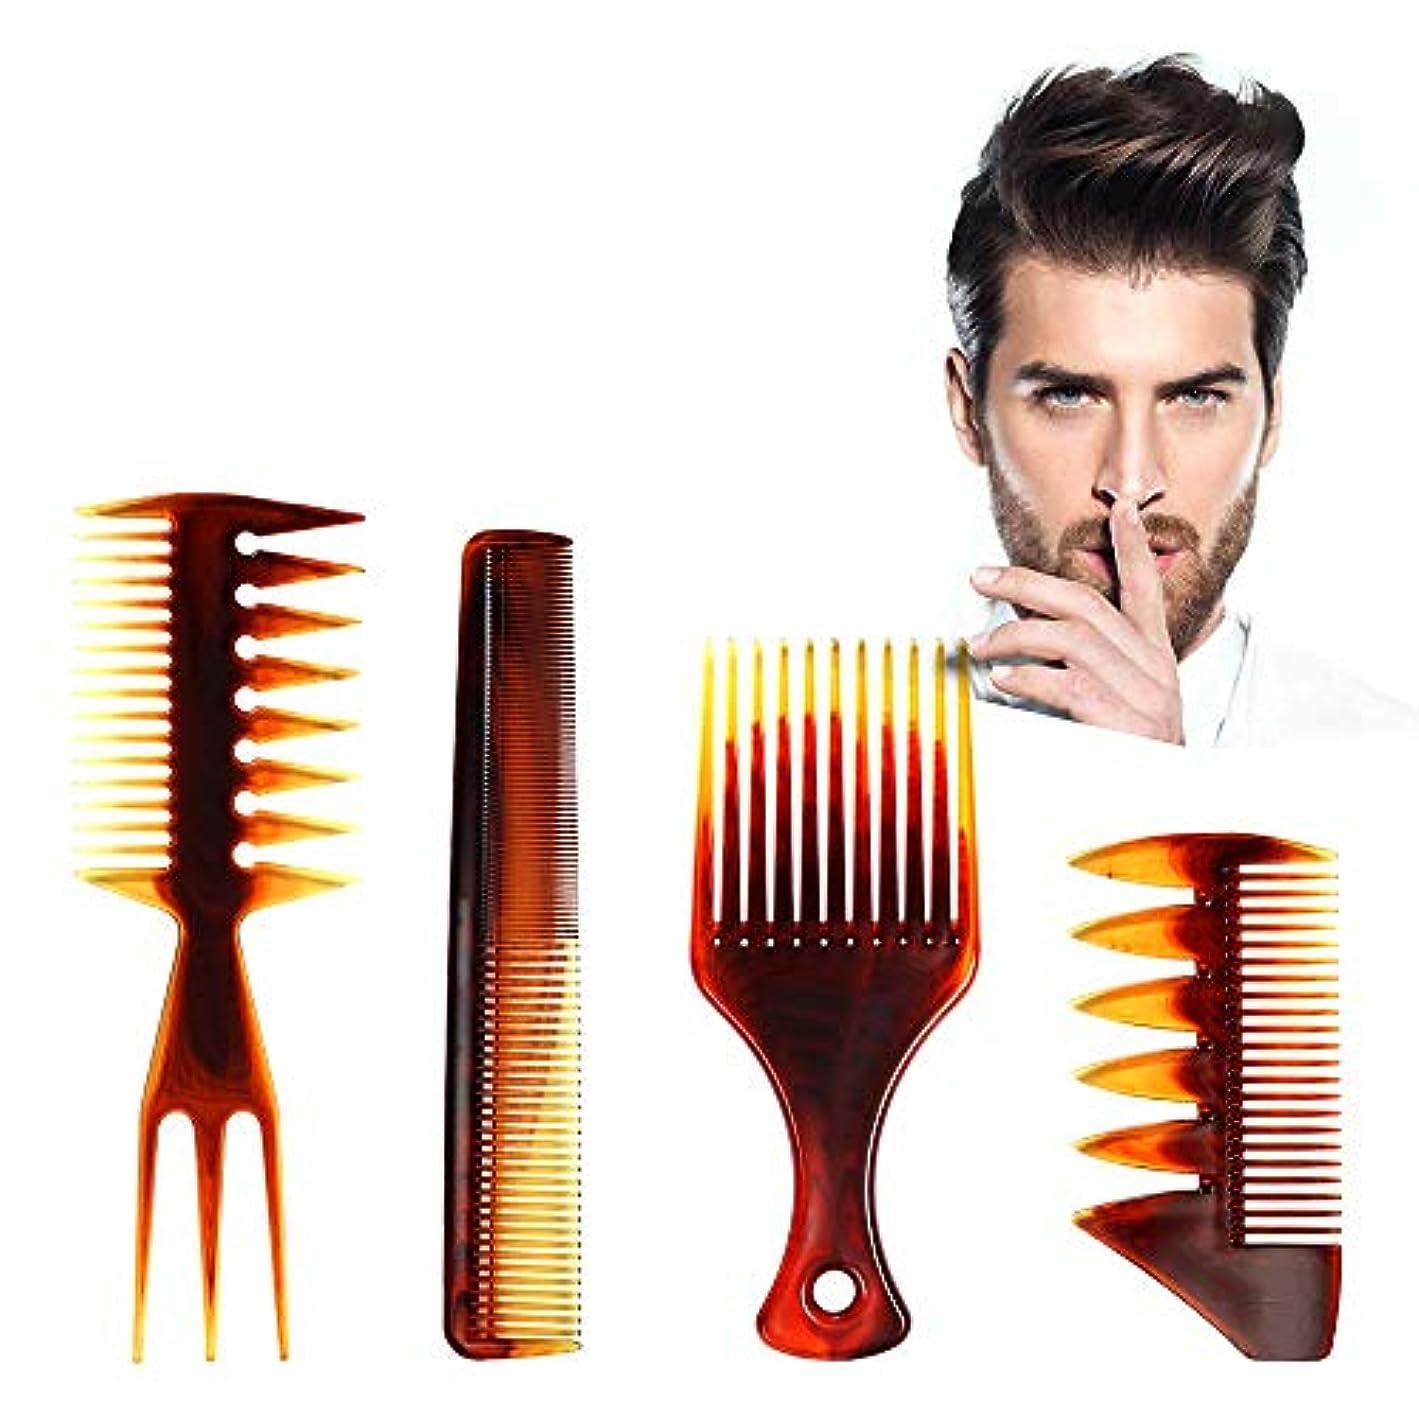 並外れて発見するエーカーヘアスタイリストプロのスタイリングコームセットバラエティパックすべての髪の種類とスタイルに最適男性用アンチスタティックヘアブラシ(4個)